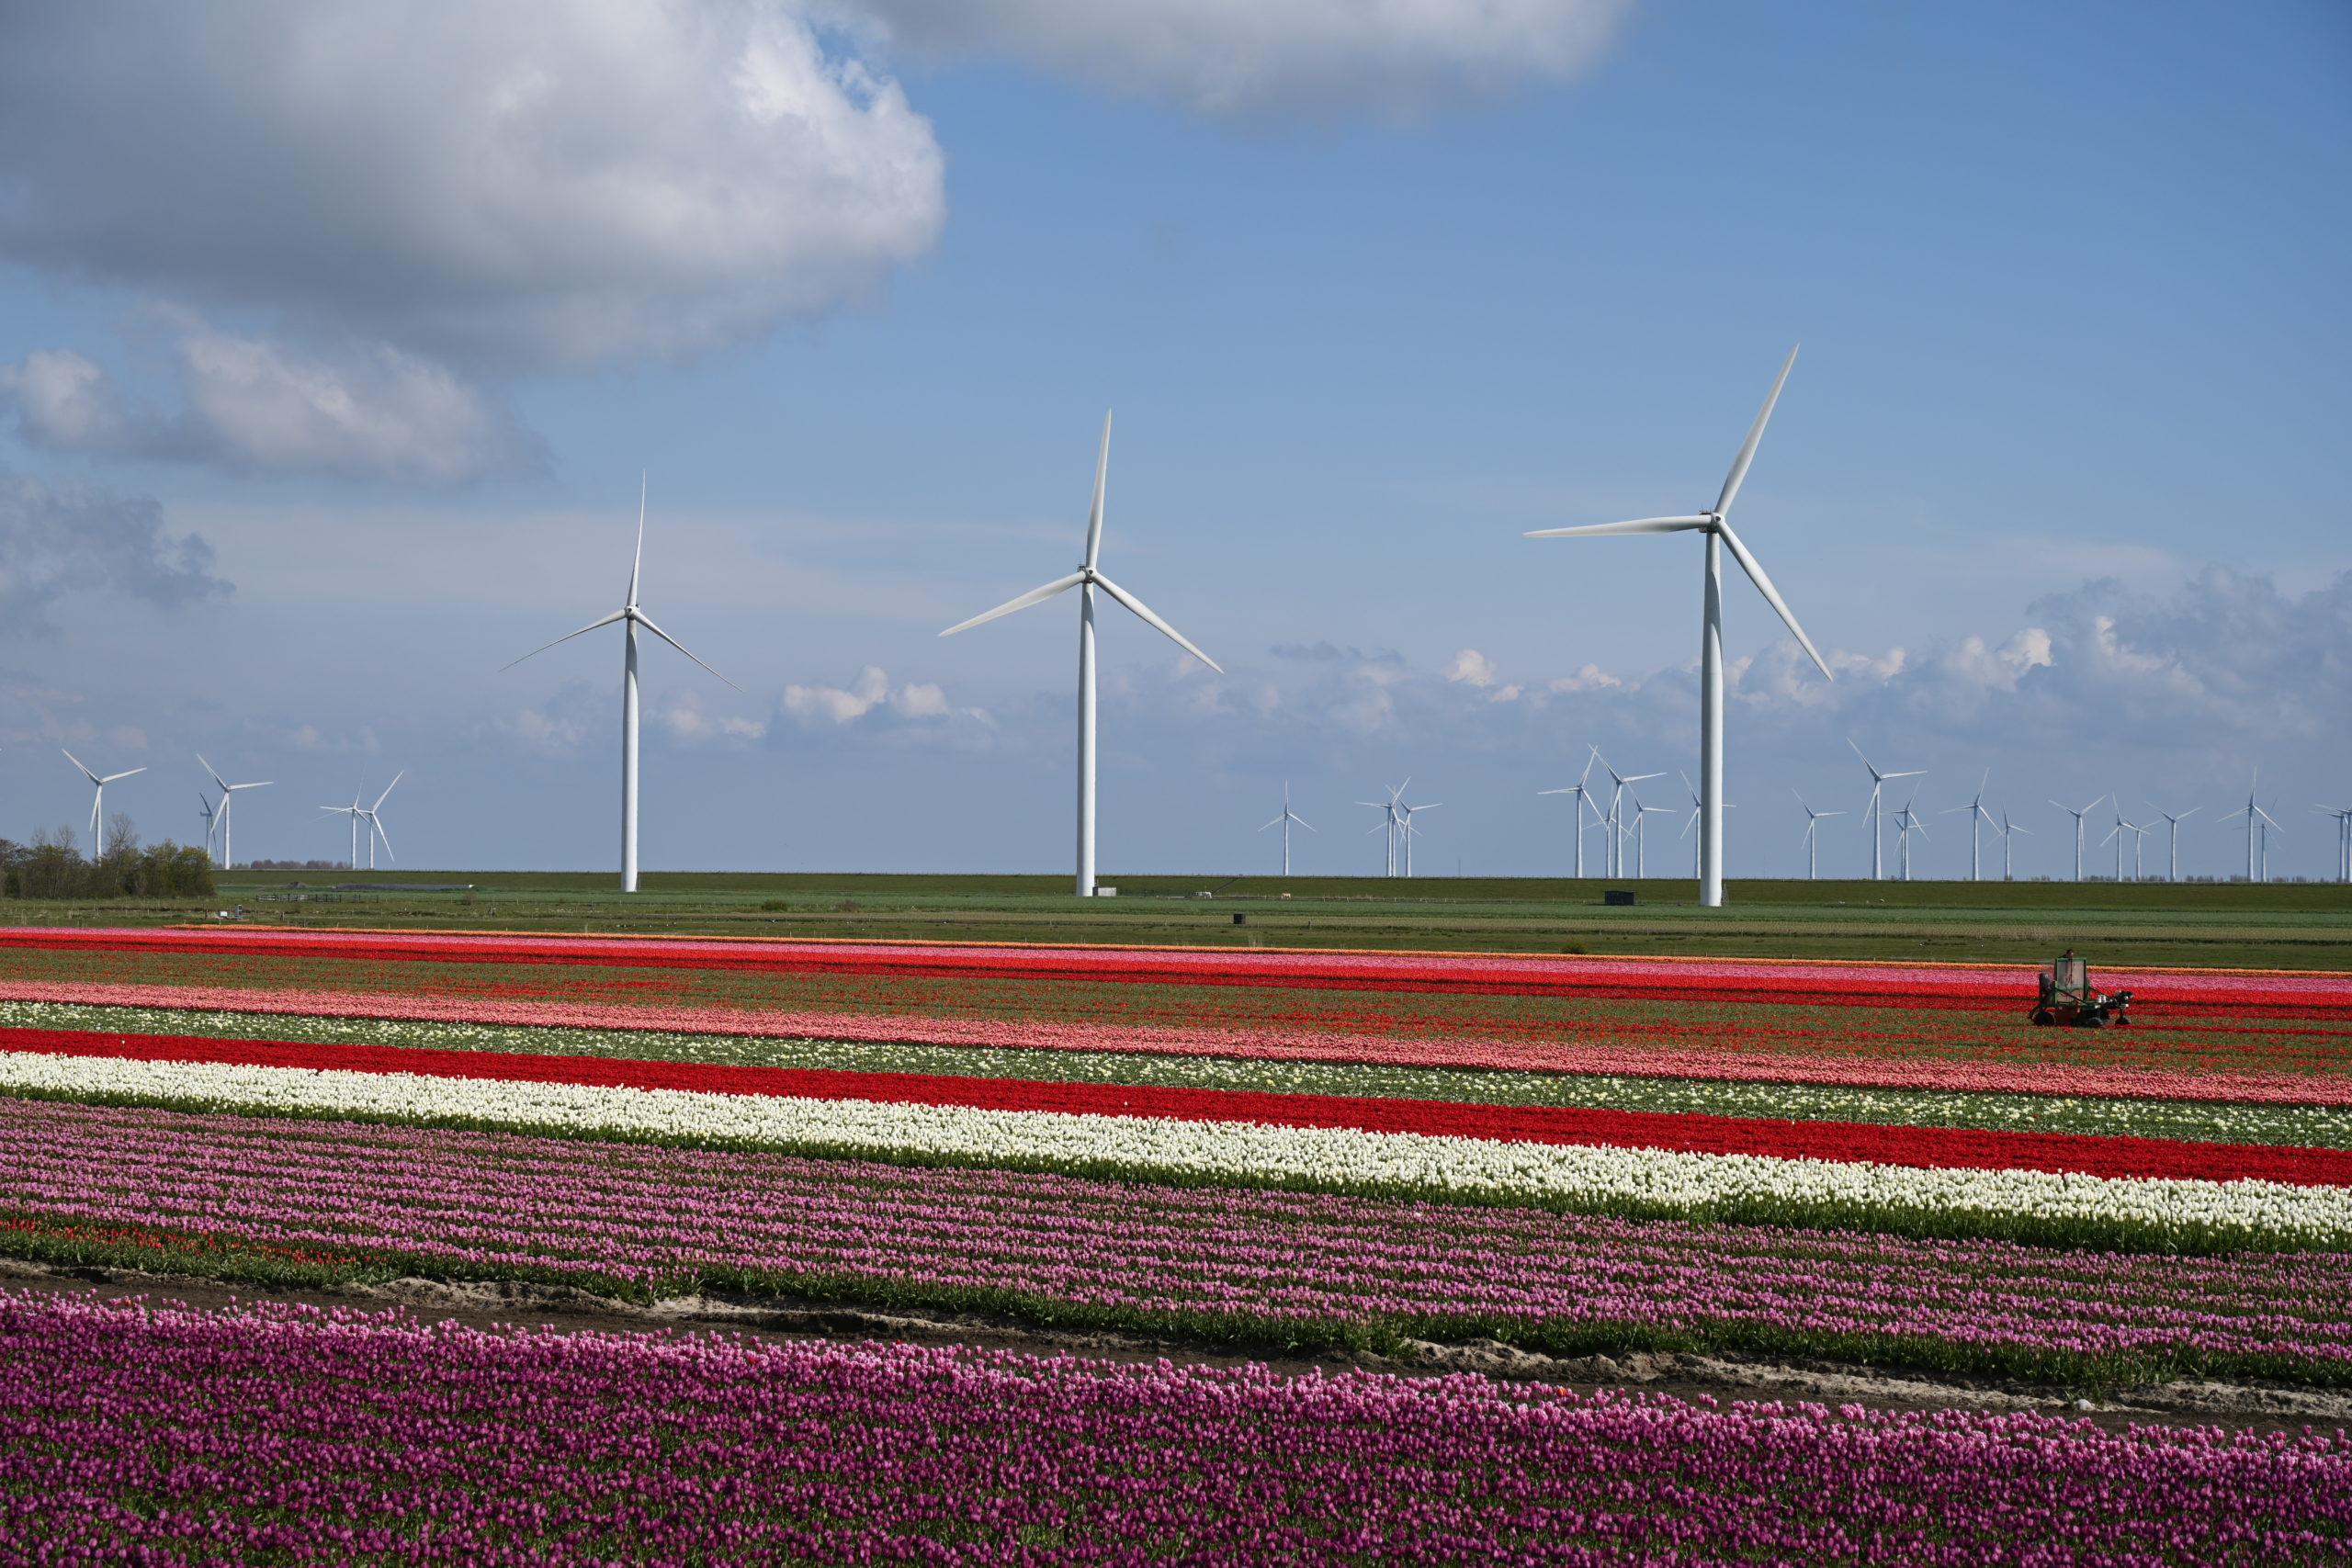 Schone energie-opwekkers in het landschap